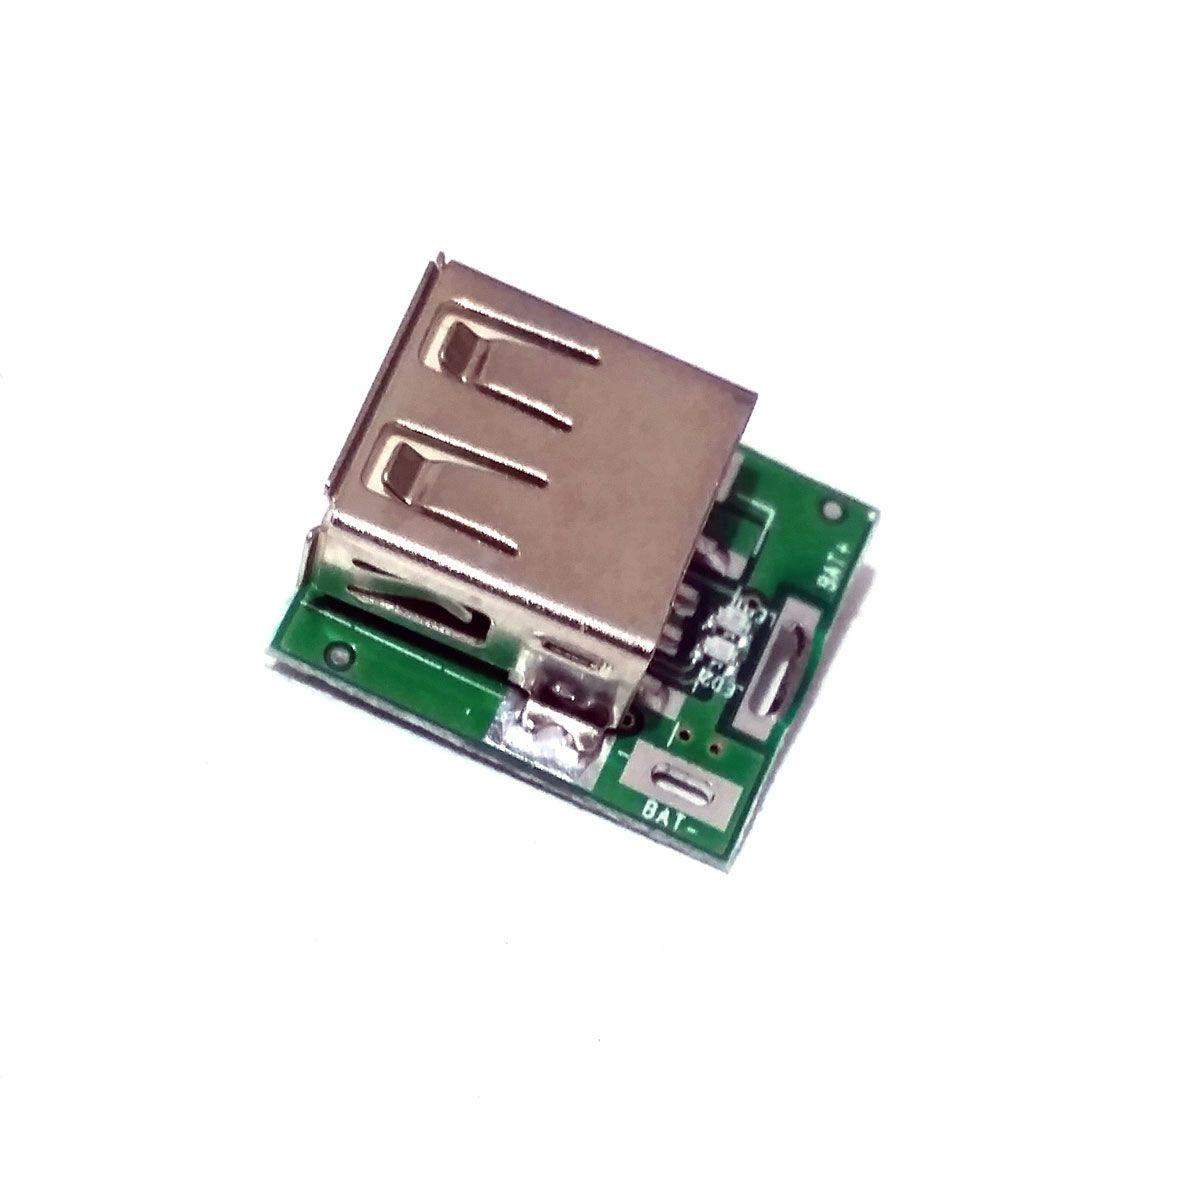 2x Conversor DC DC Step Up USB 5v Bateria de Litium com Carregador Embutido estilo Power Bank